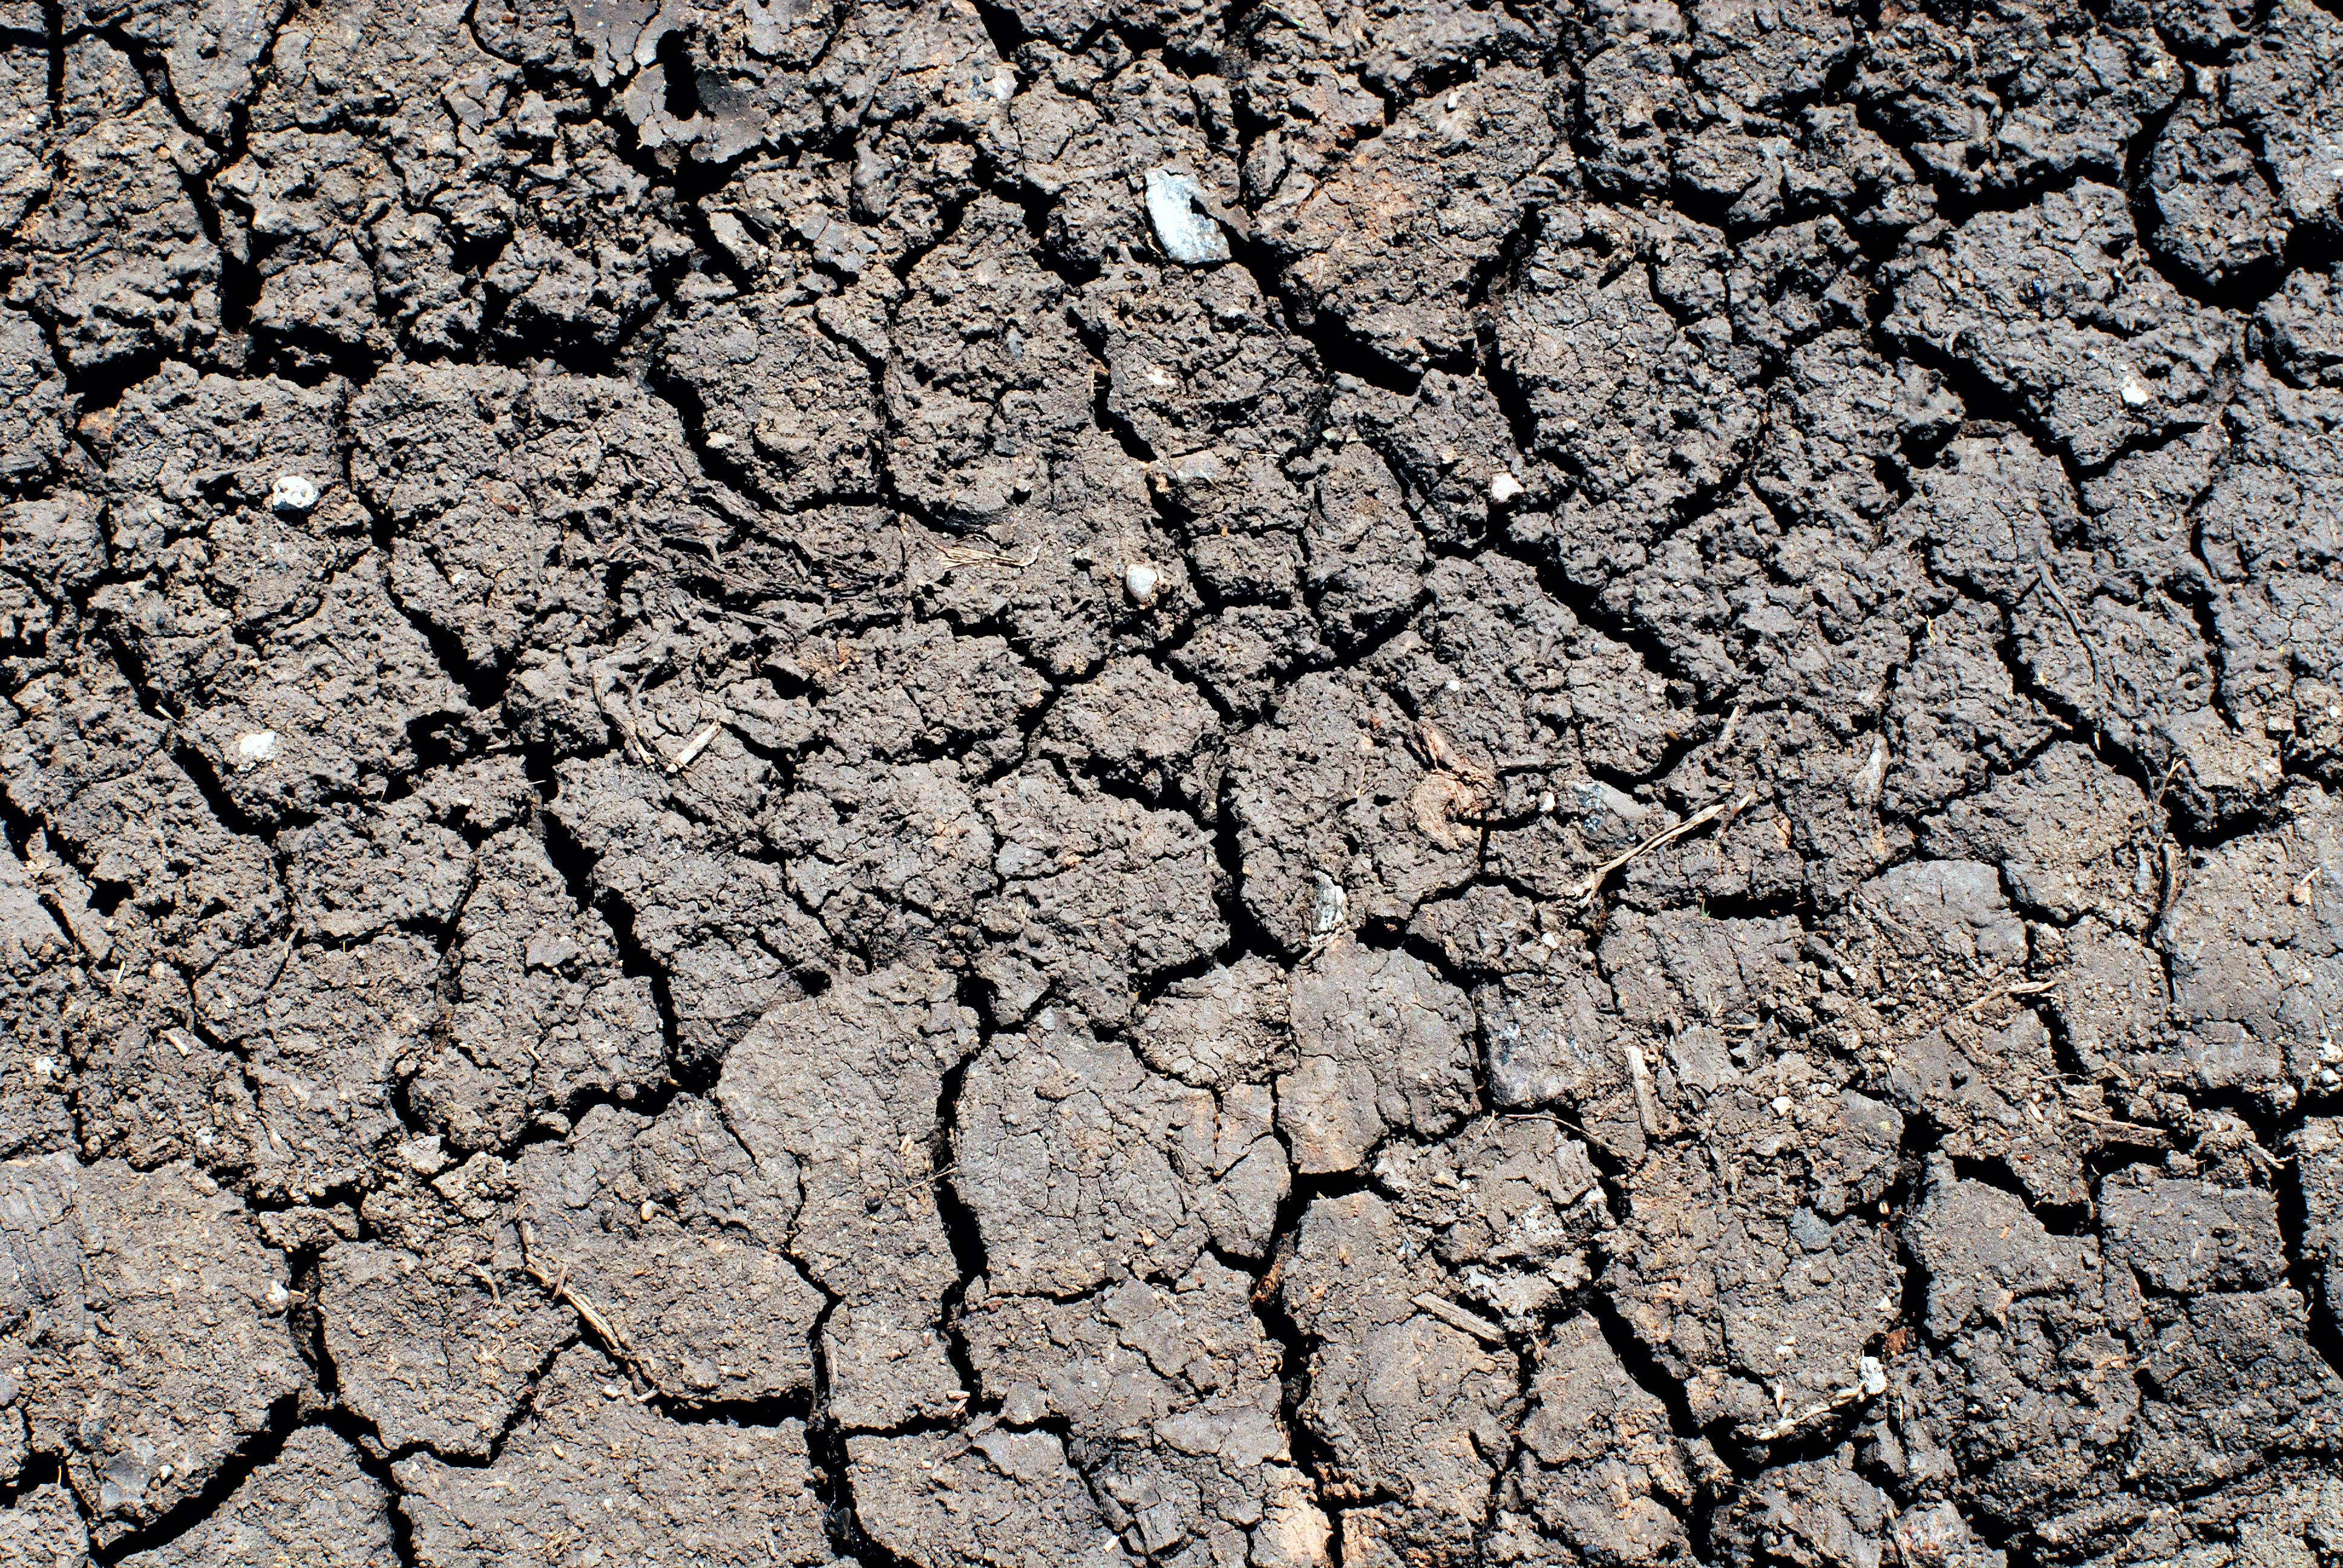 La sequía también supondría un gran problema en Europa en 2080 si no se frena el cambio climático, al alcanzar a unos 700.000 km2 por año –más que la superficie total de España–. Afectará a 140 millones de personas al año, alerta el estudio del JRC. Imagen: Aliaksandr Zabudzko. Fuente: PhotoXpress.